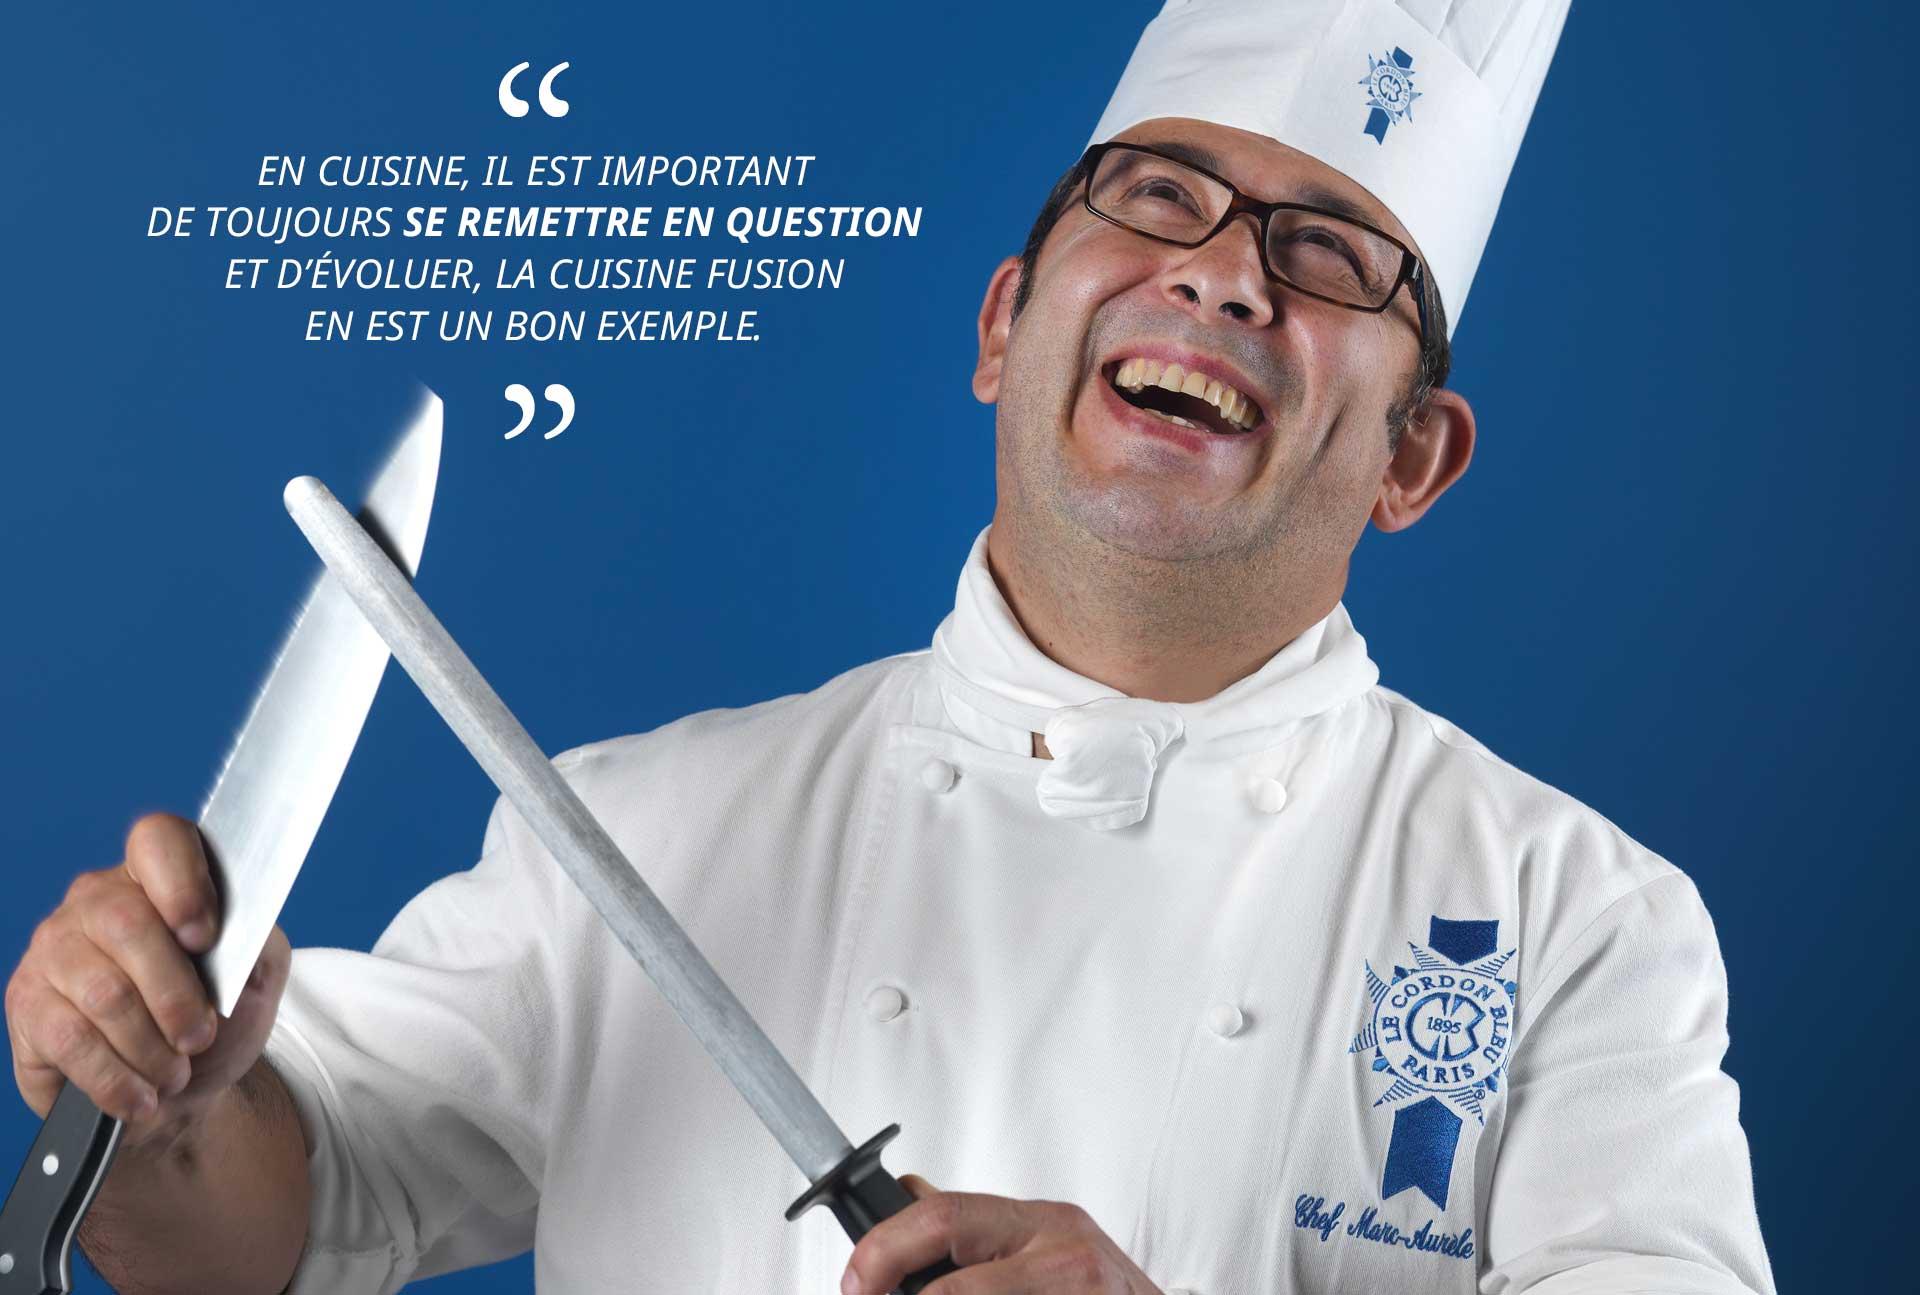 Chef cuisinier Marc Vaca